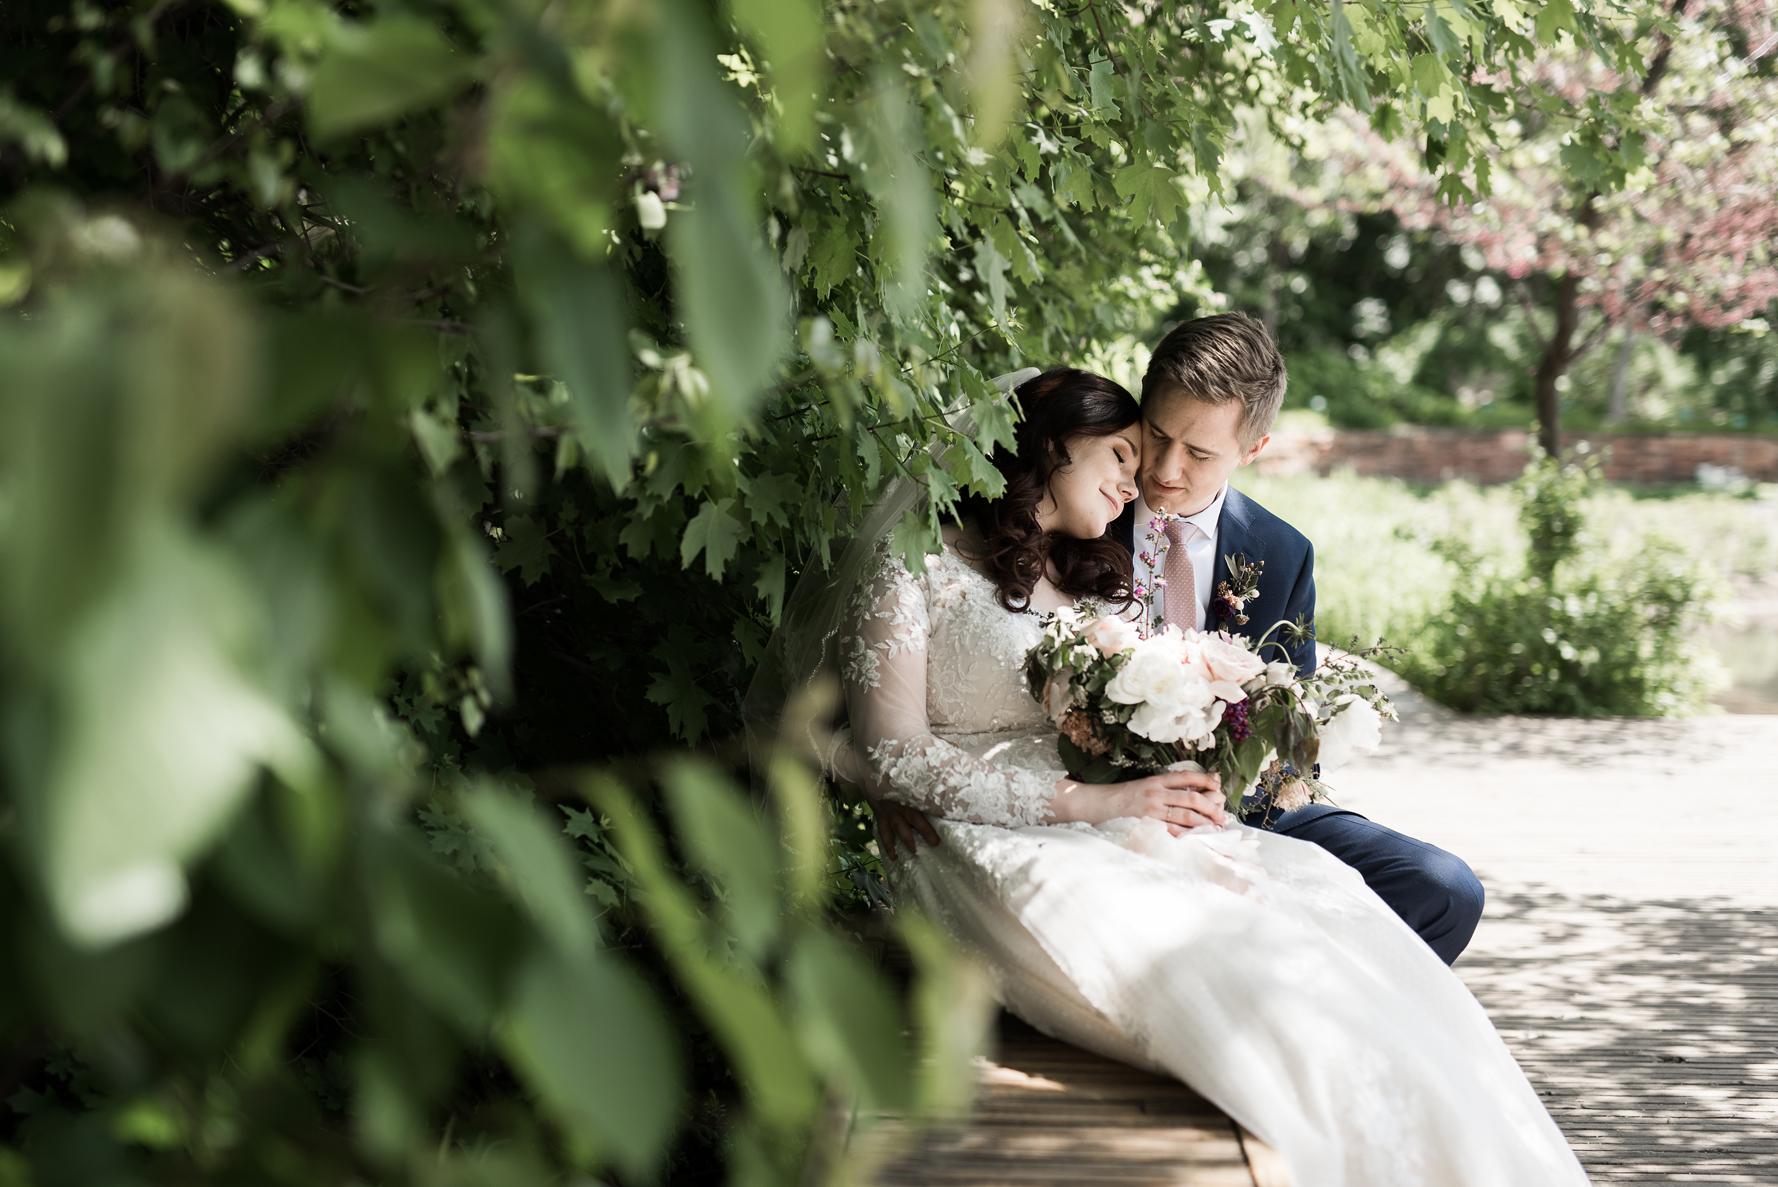 loving wedding photography | Elisha Braithwaite Photography